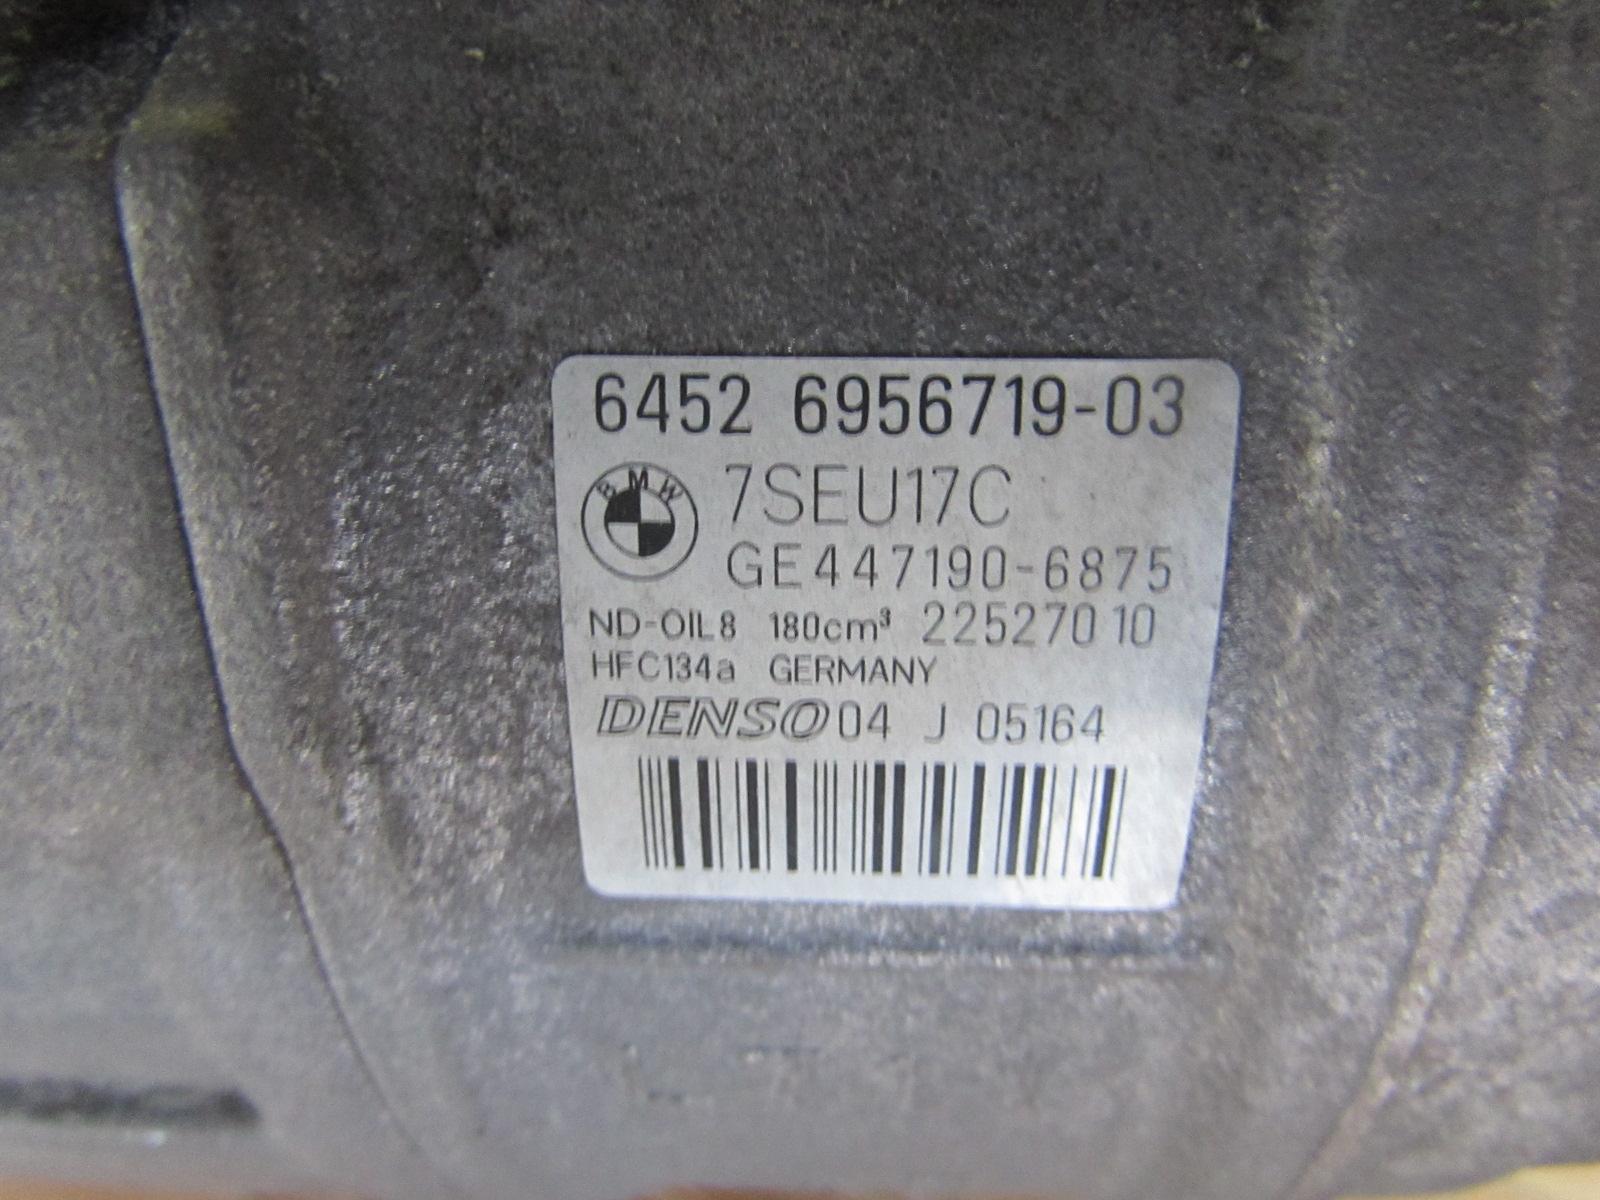 Bmw Ac Air Conditioner Compressor Denso 64526956719 E90 E92 E93 335i Kompresor Seri 3 E46 335xi 335is E82 135i E89